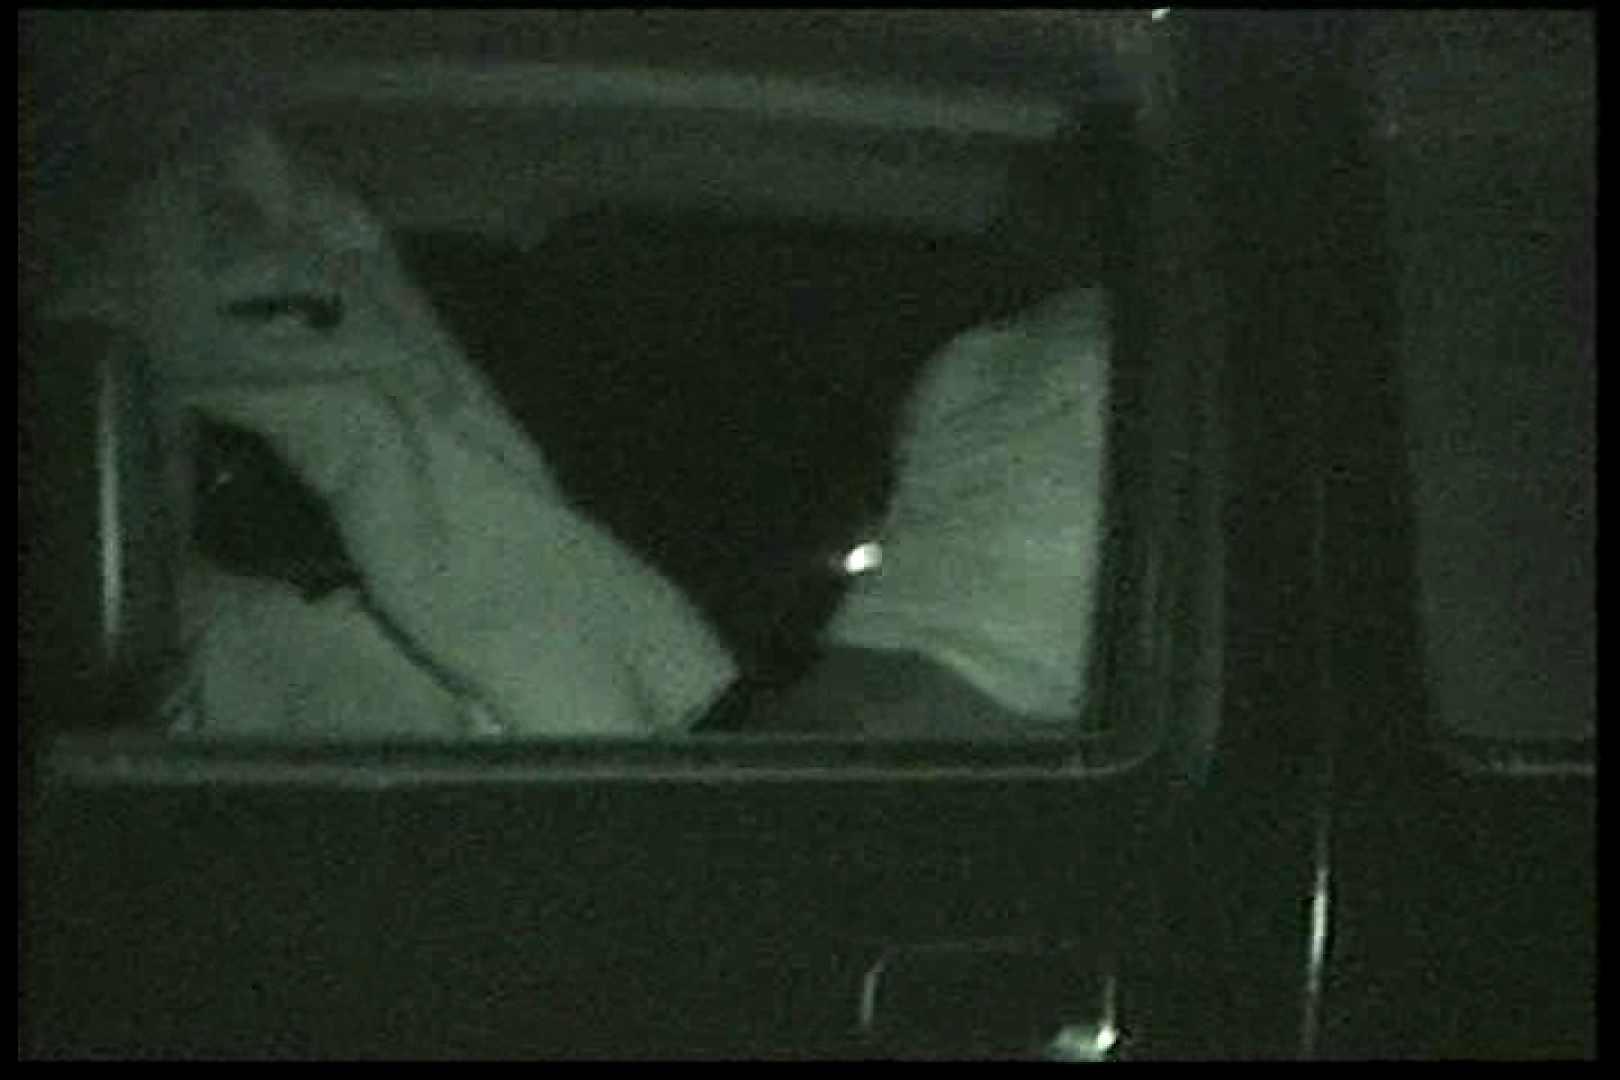 車の中はラブホテル 無修正版  Vol.15 カップル   手マン  77pic 1